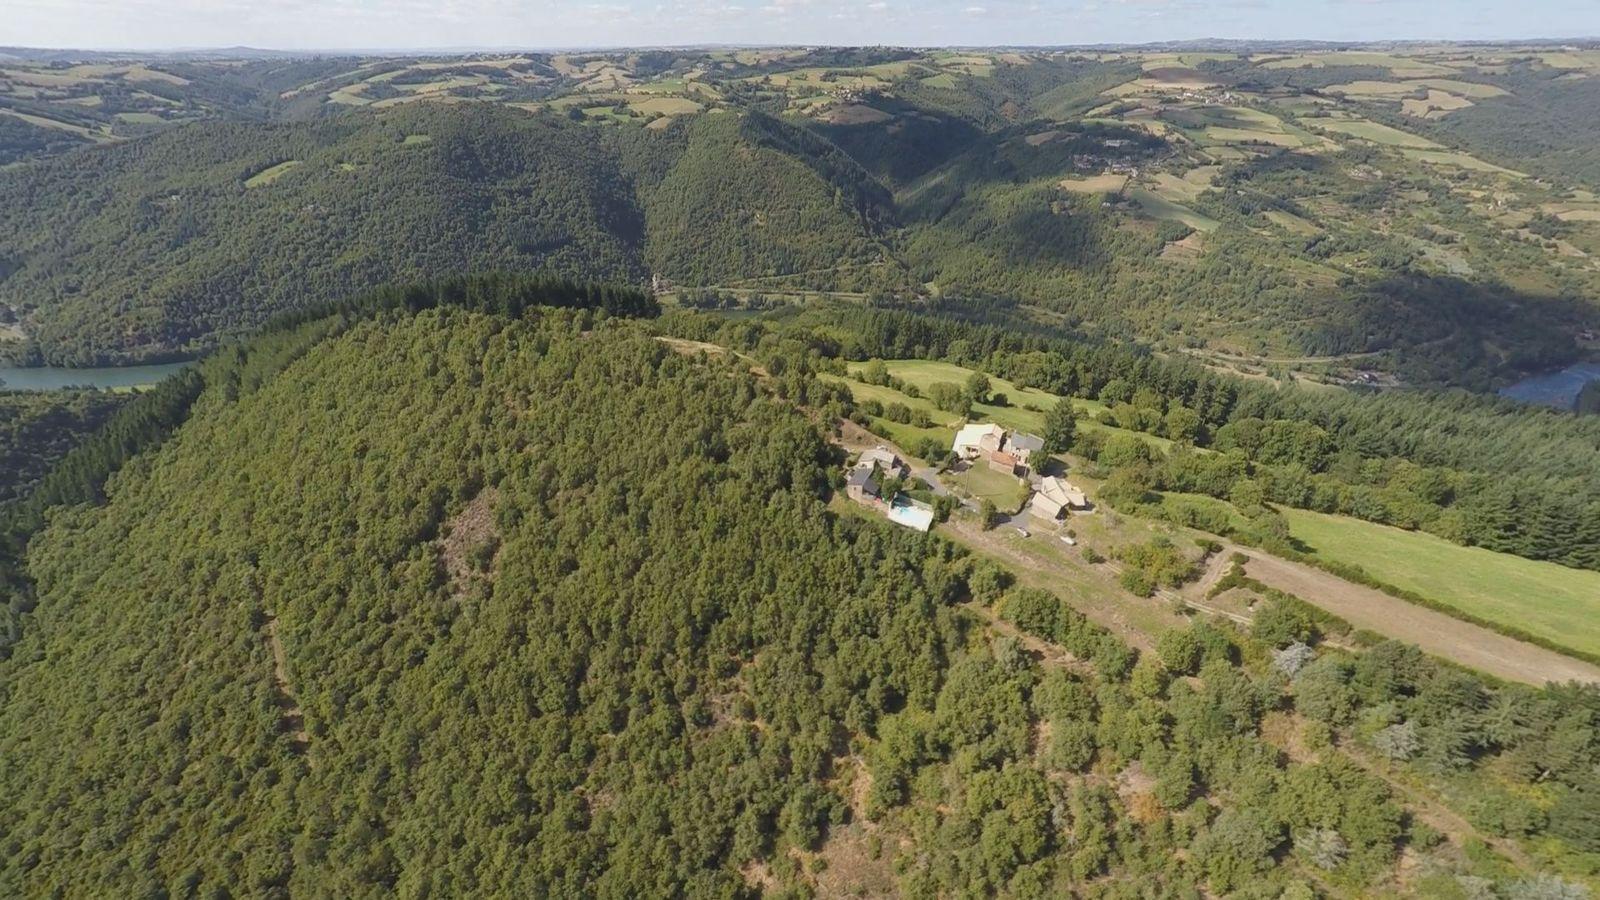 vue Sud du hameau filmé par drone et vue de la rivière le Tarn